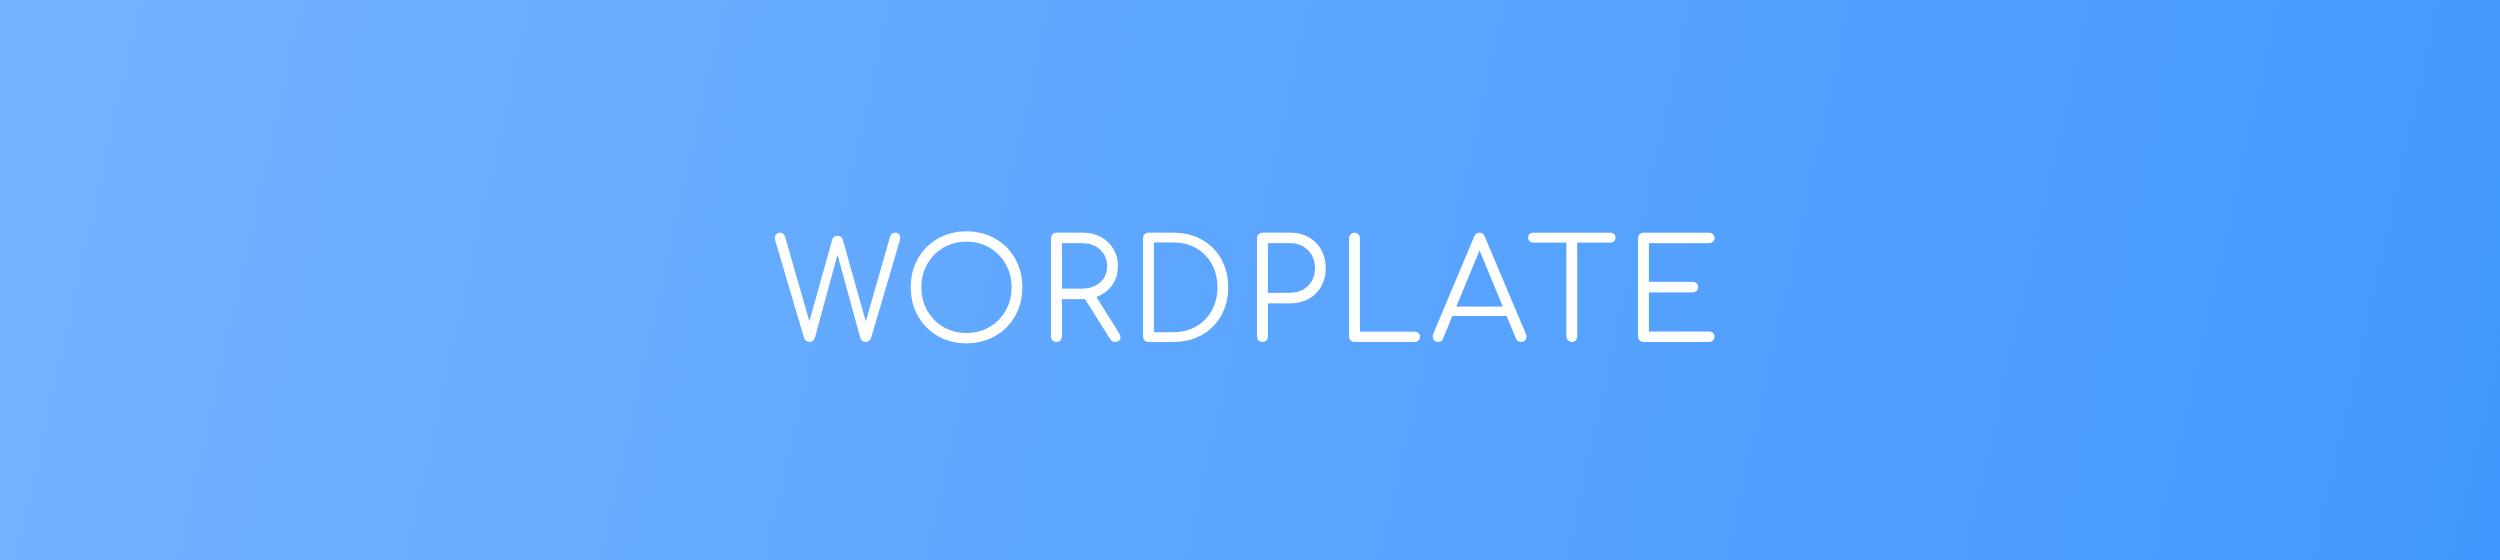 WordPlate